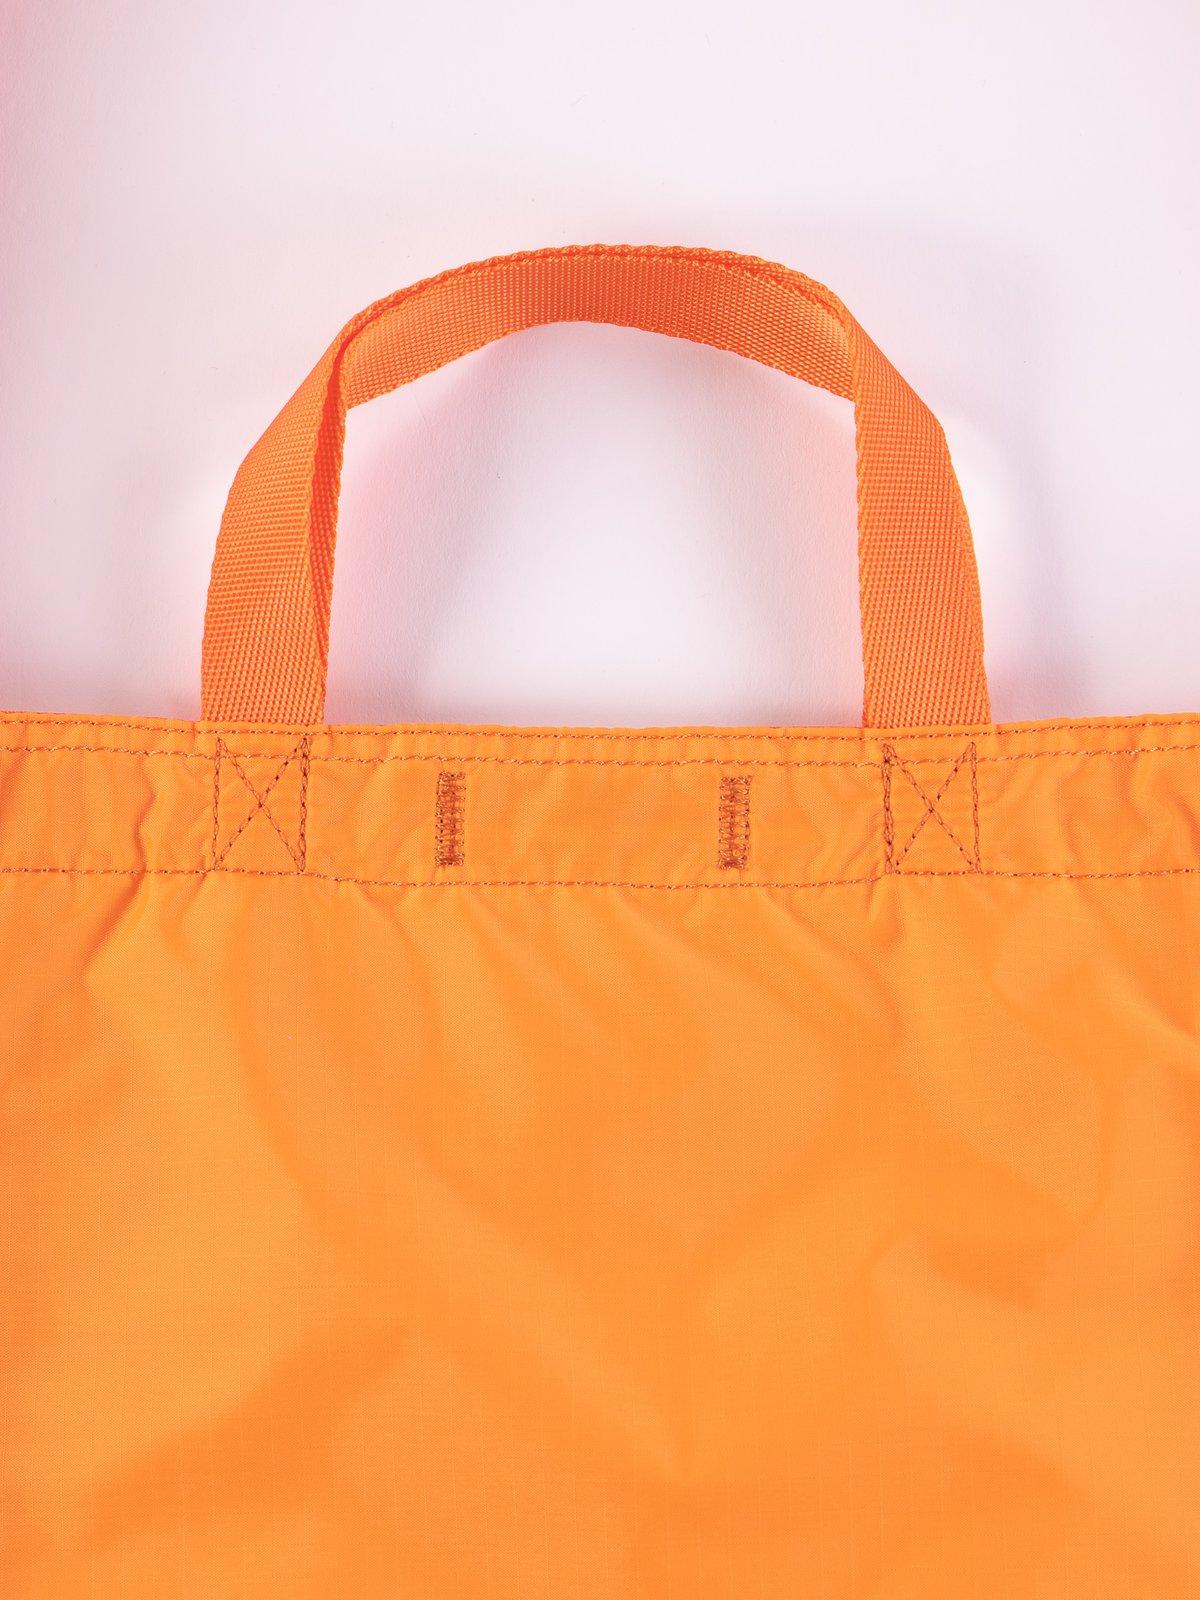 Orange Flex 2Way Shoulder Bag - Image 3